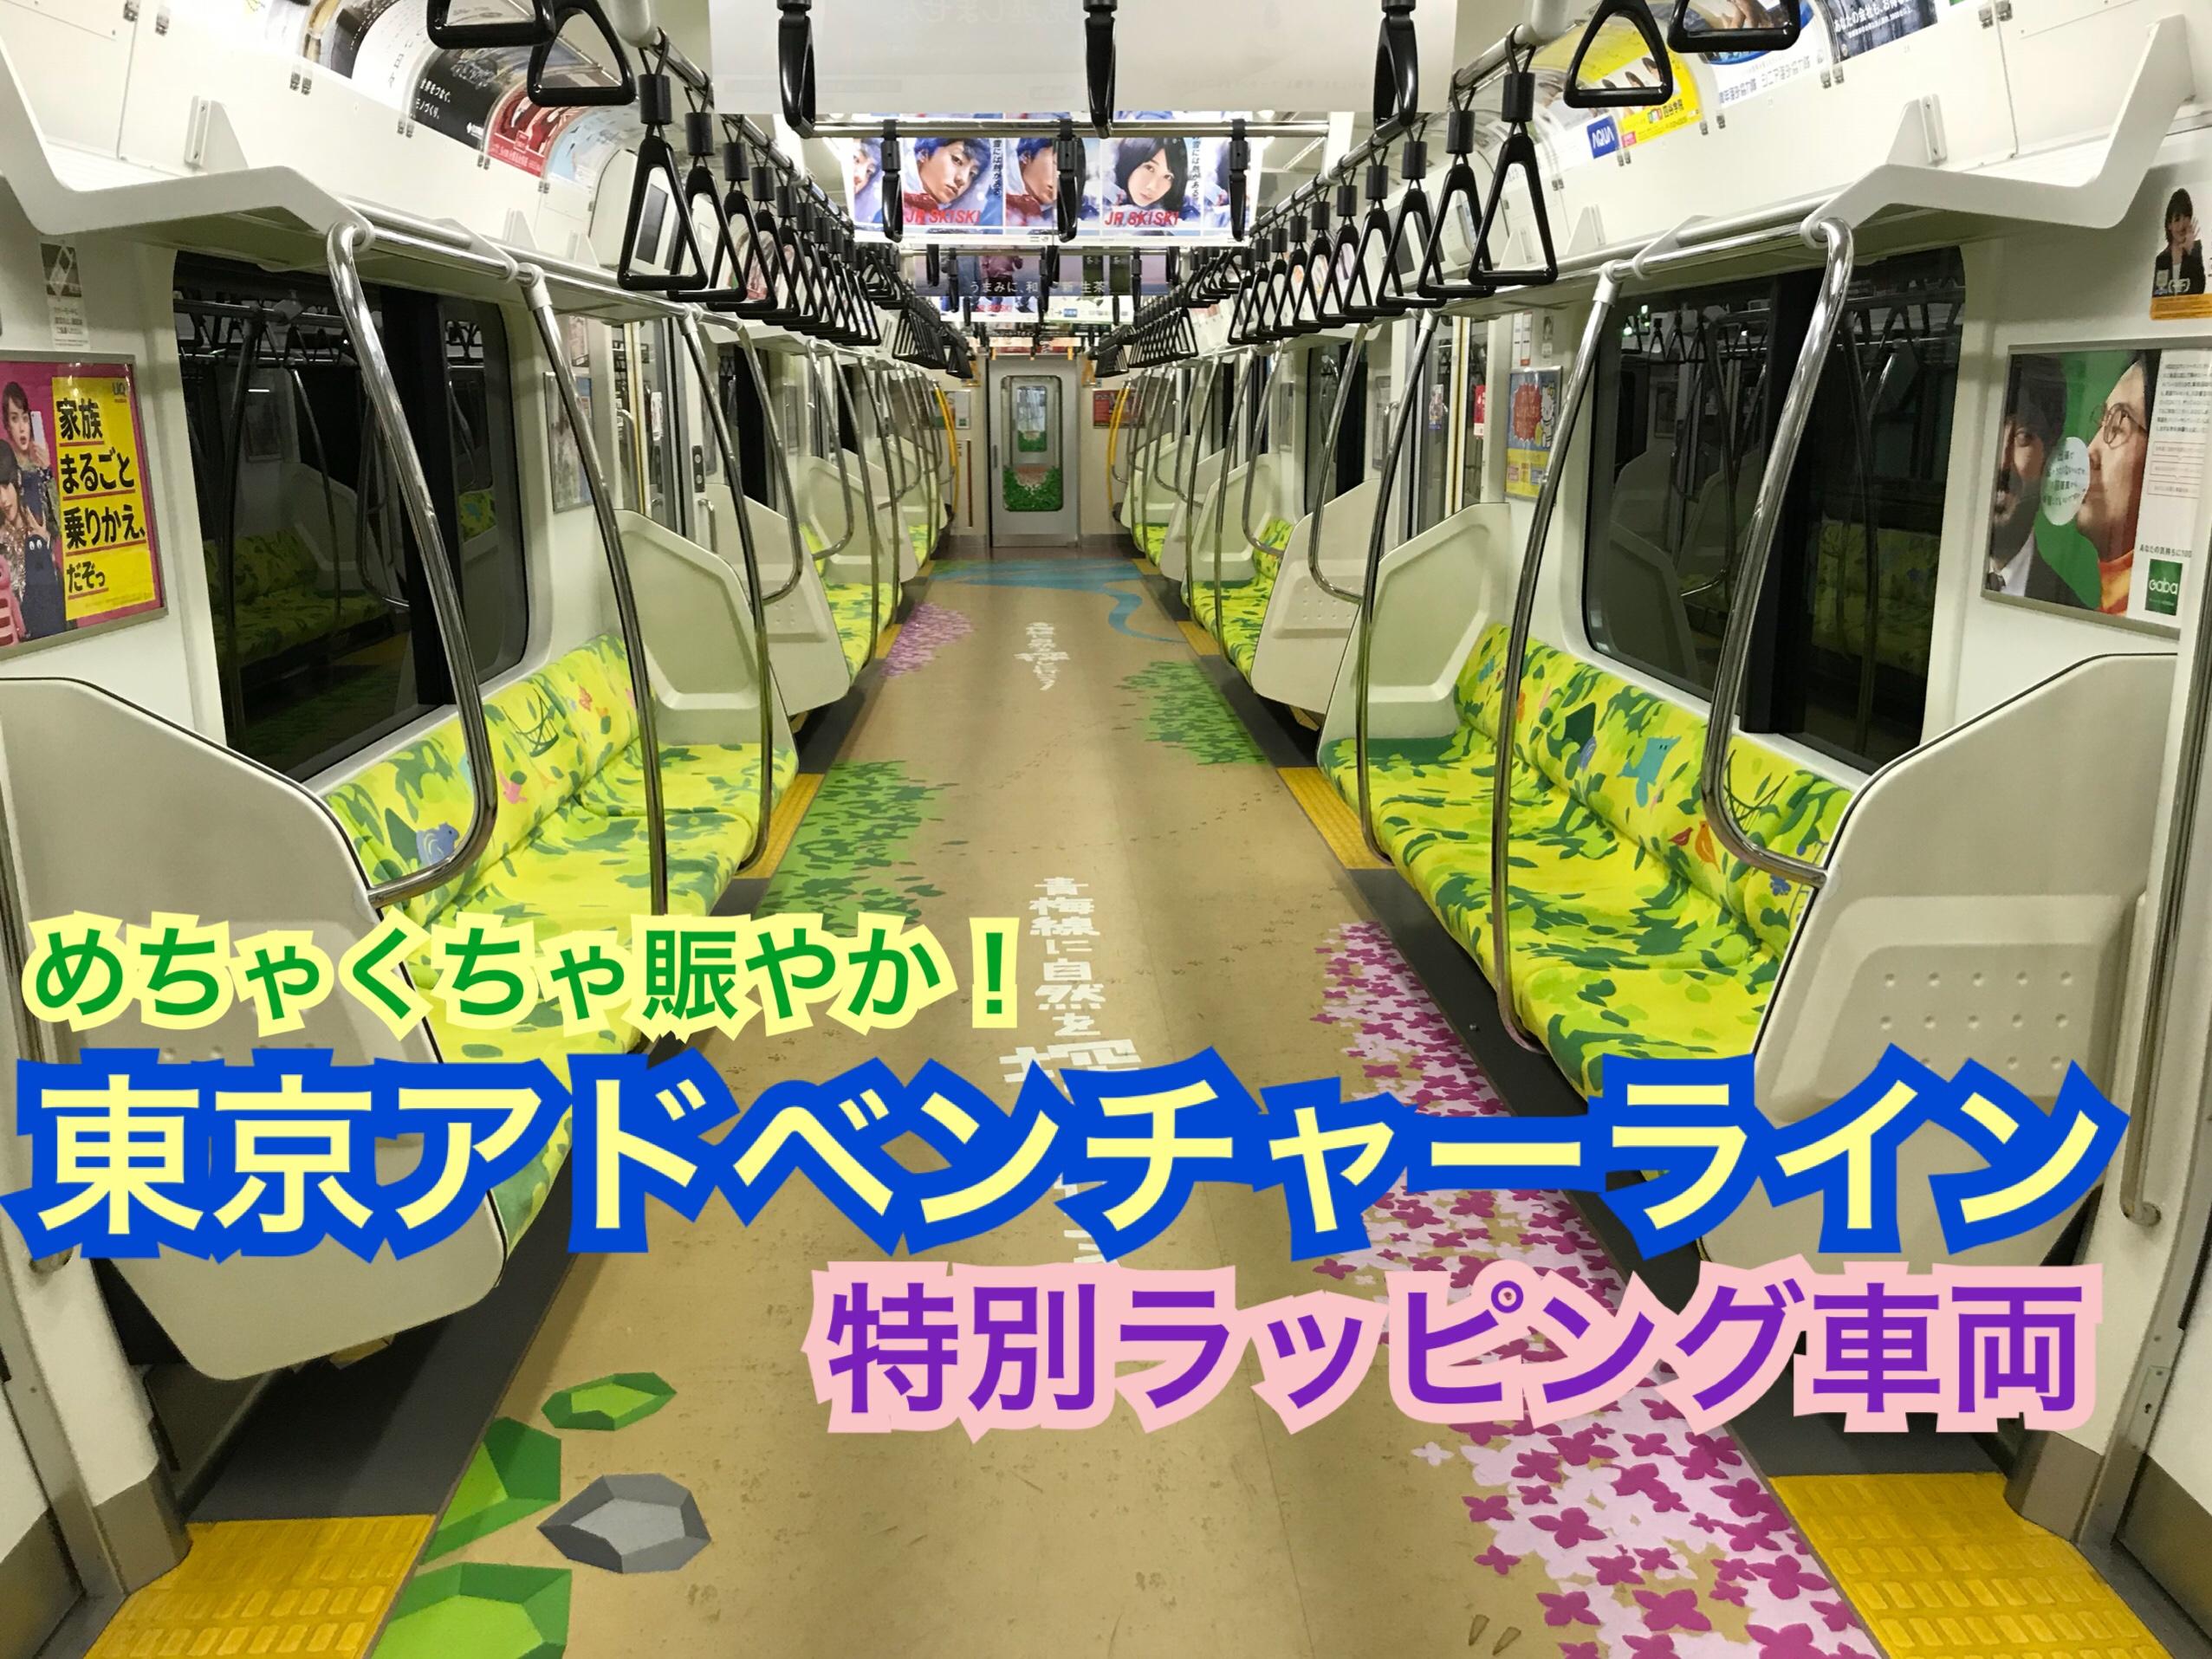 東京アドベンチャーライン、青梅線の特別ラッピング車両!超賑やかな通勤電車はセンス抜群!【惜別列車の旅・追】